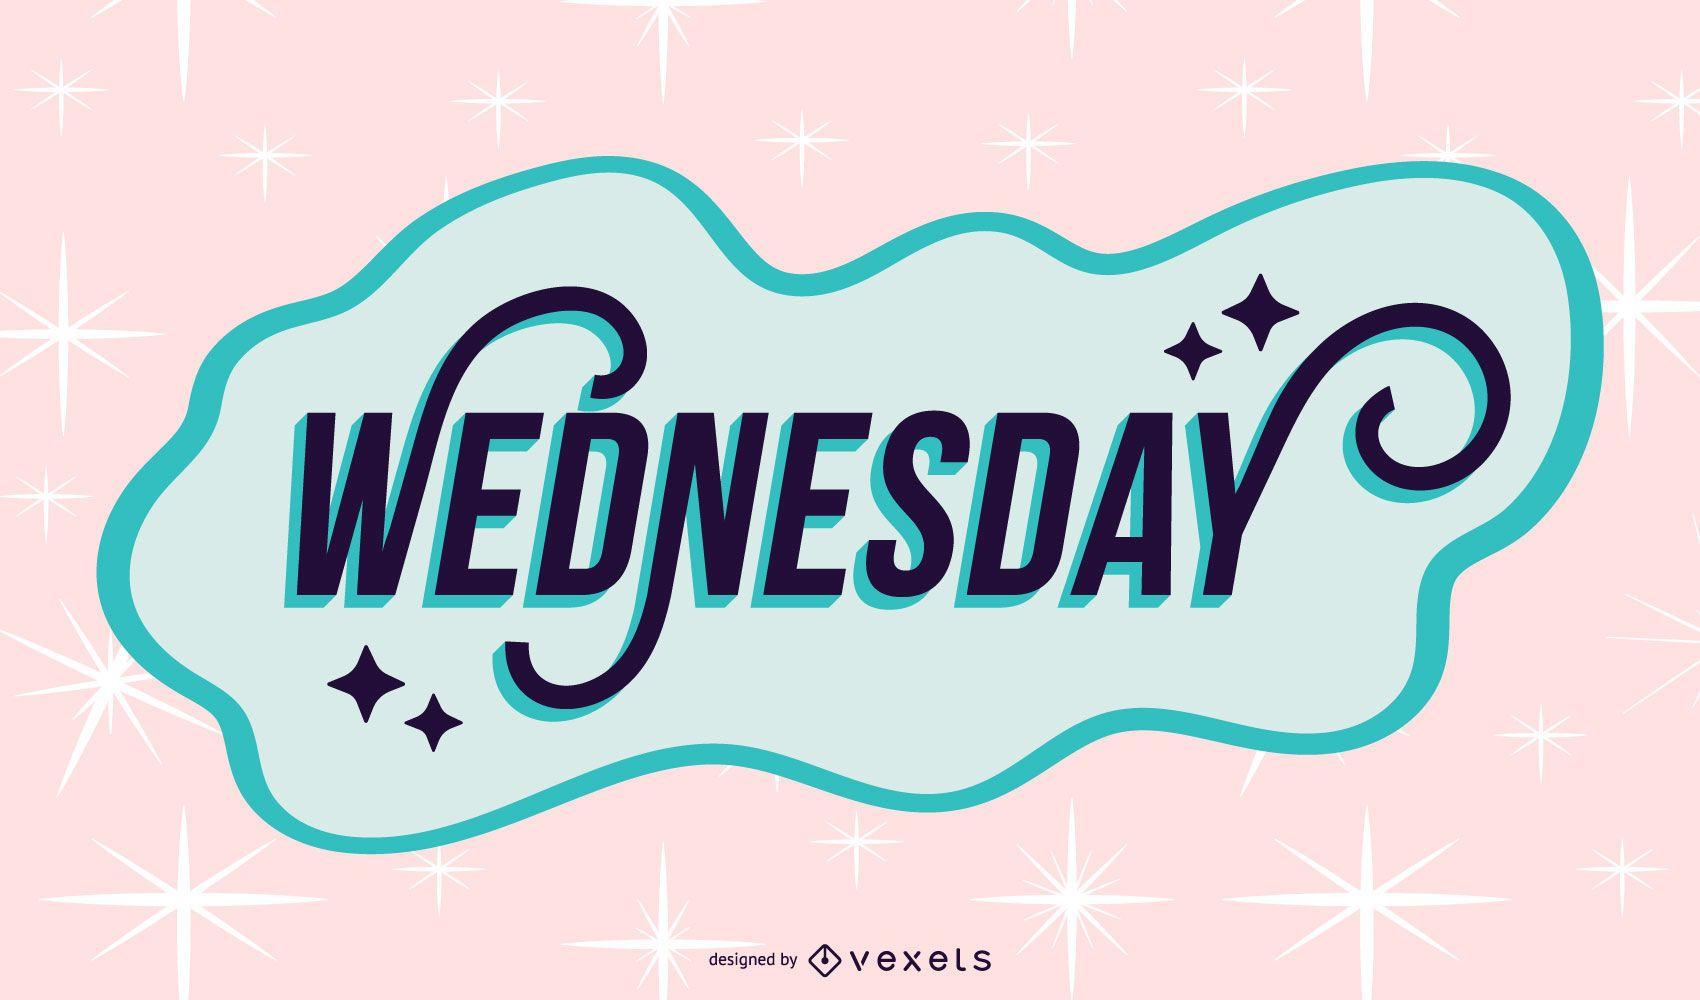 Wednesday lettering design